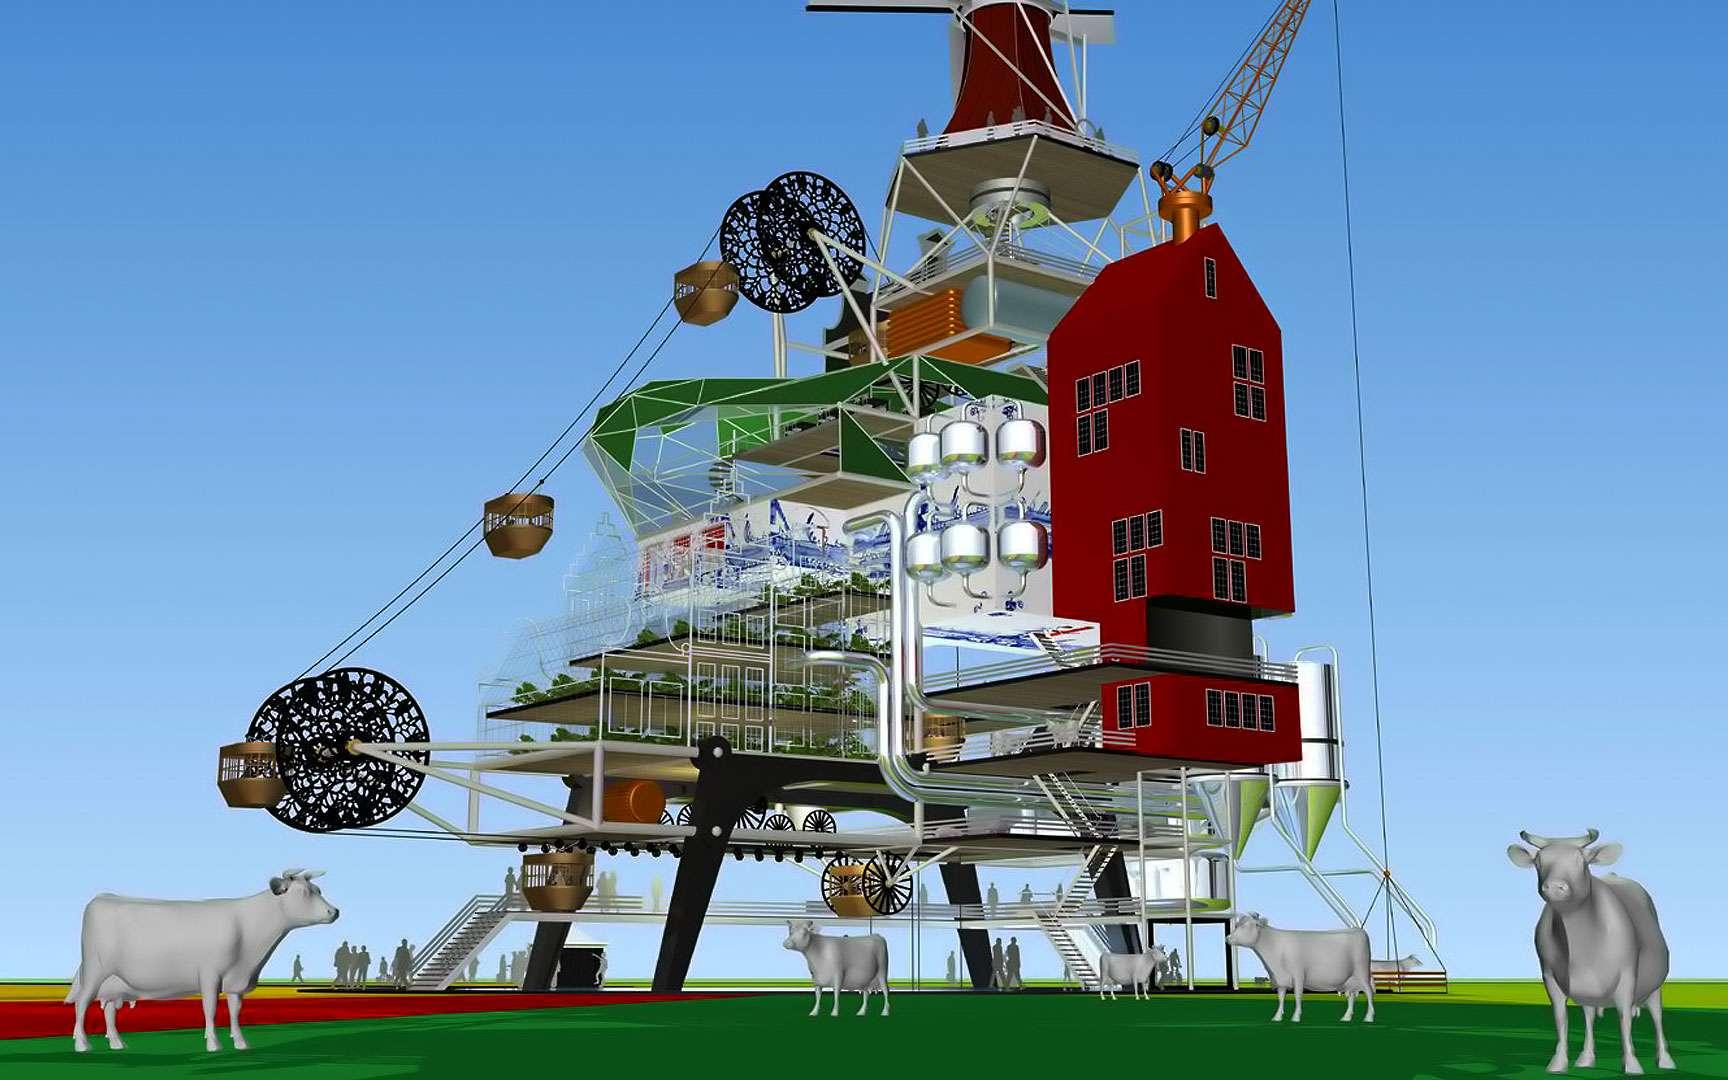 L'Oogst 1000 Wonderland se composerait à la fois d'une ferme, d'un restaurant, d'un hôtel et d'un parc d'attractions, le tout fonctionnant en totale autosuffisance. Oogst signifie « récolte » en néerlandais. Cette installation serait prévue pour recevoir 1.000 personnes par jour, ce qui explique le nom du projet.Tous droits réservés. http://www.tjep.com/studio/works/architecture/oogst-1000